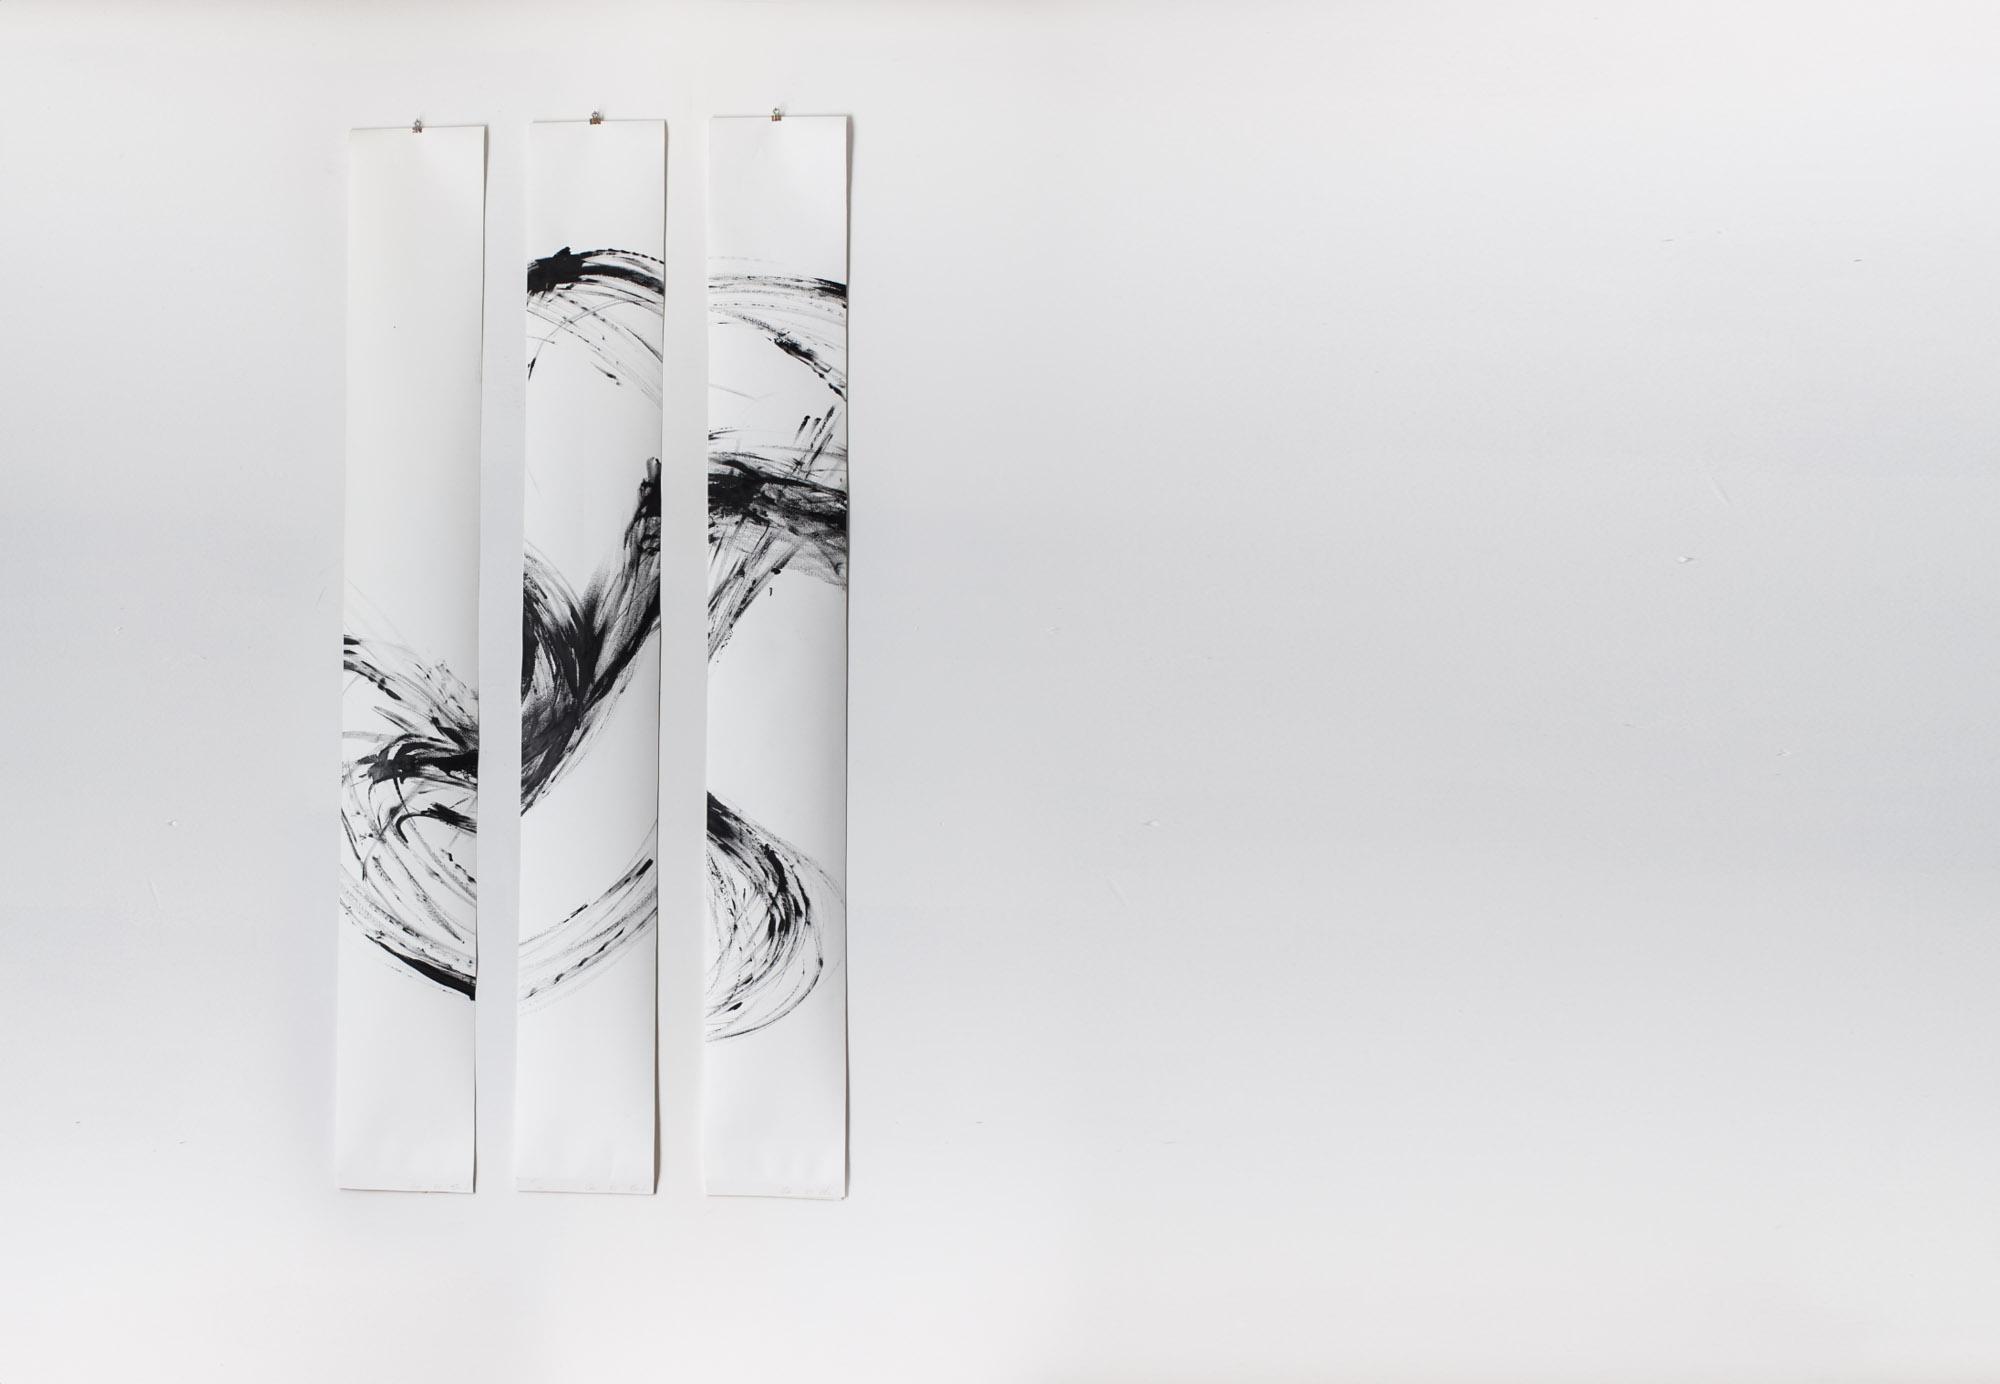 Acryl auf Papier |1m50 x 80cm |verkauft